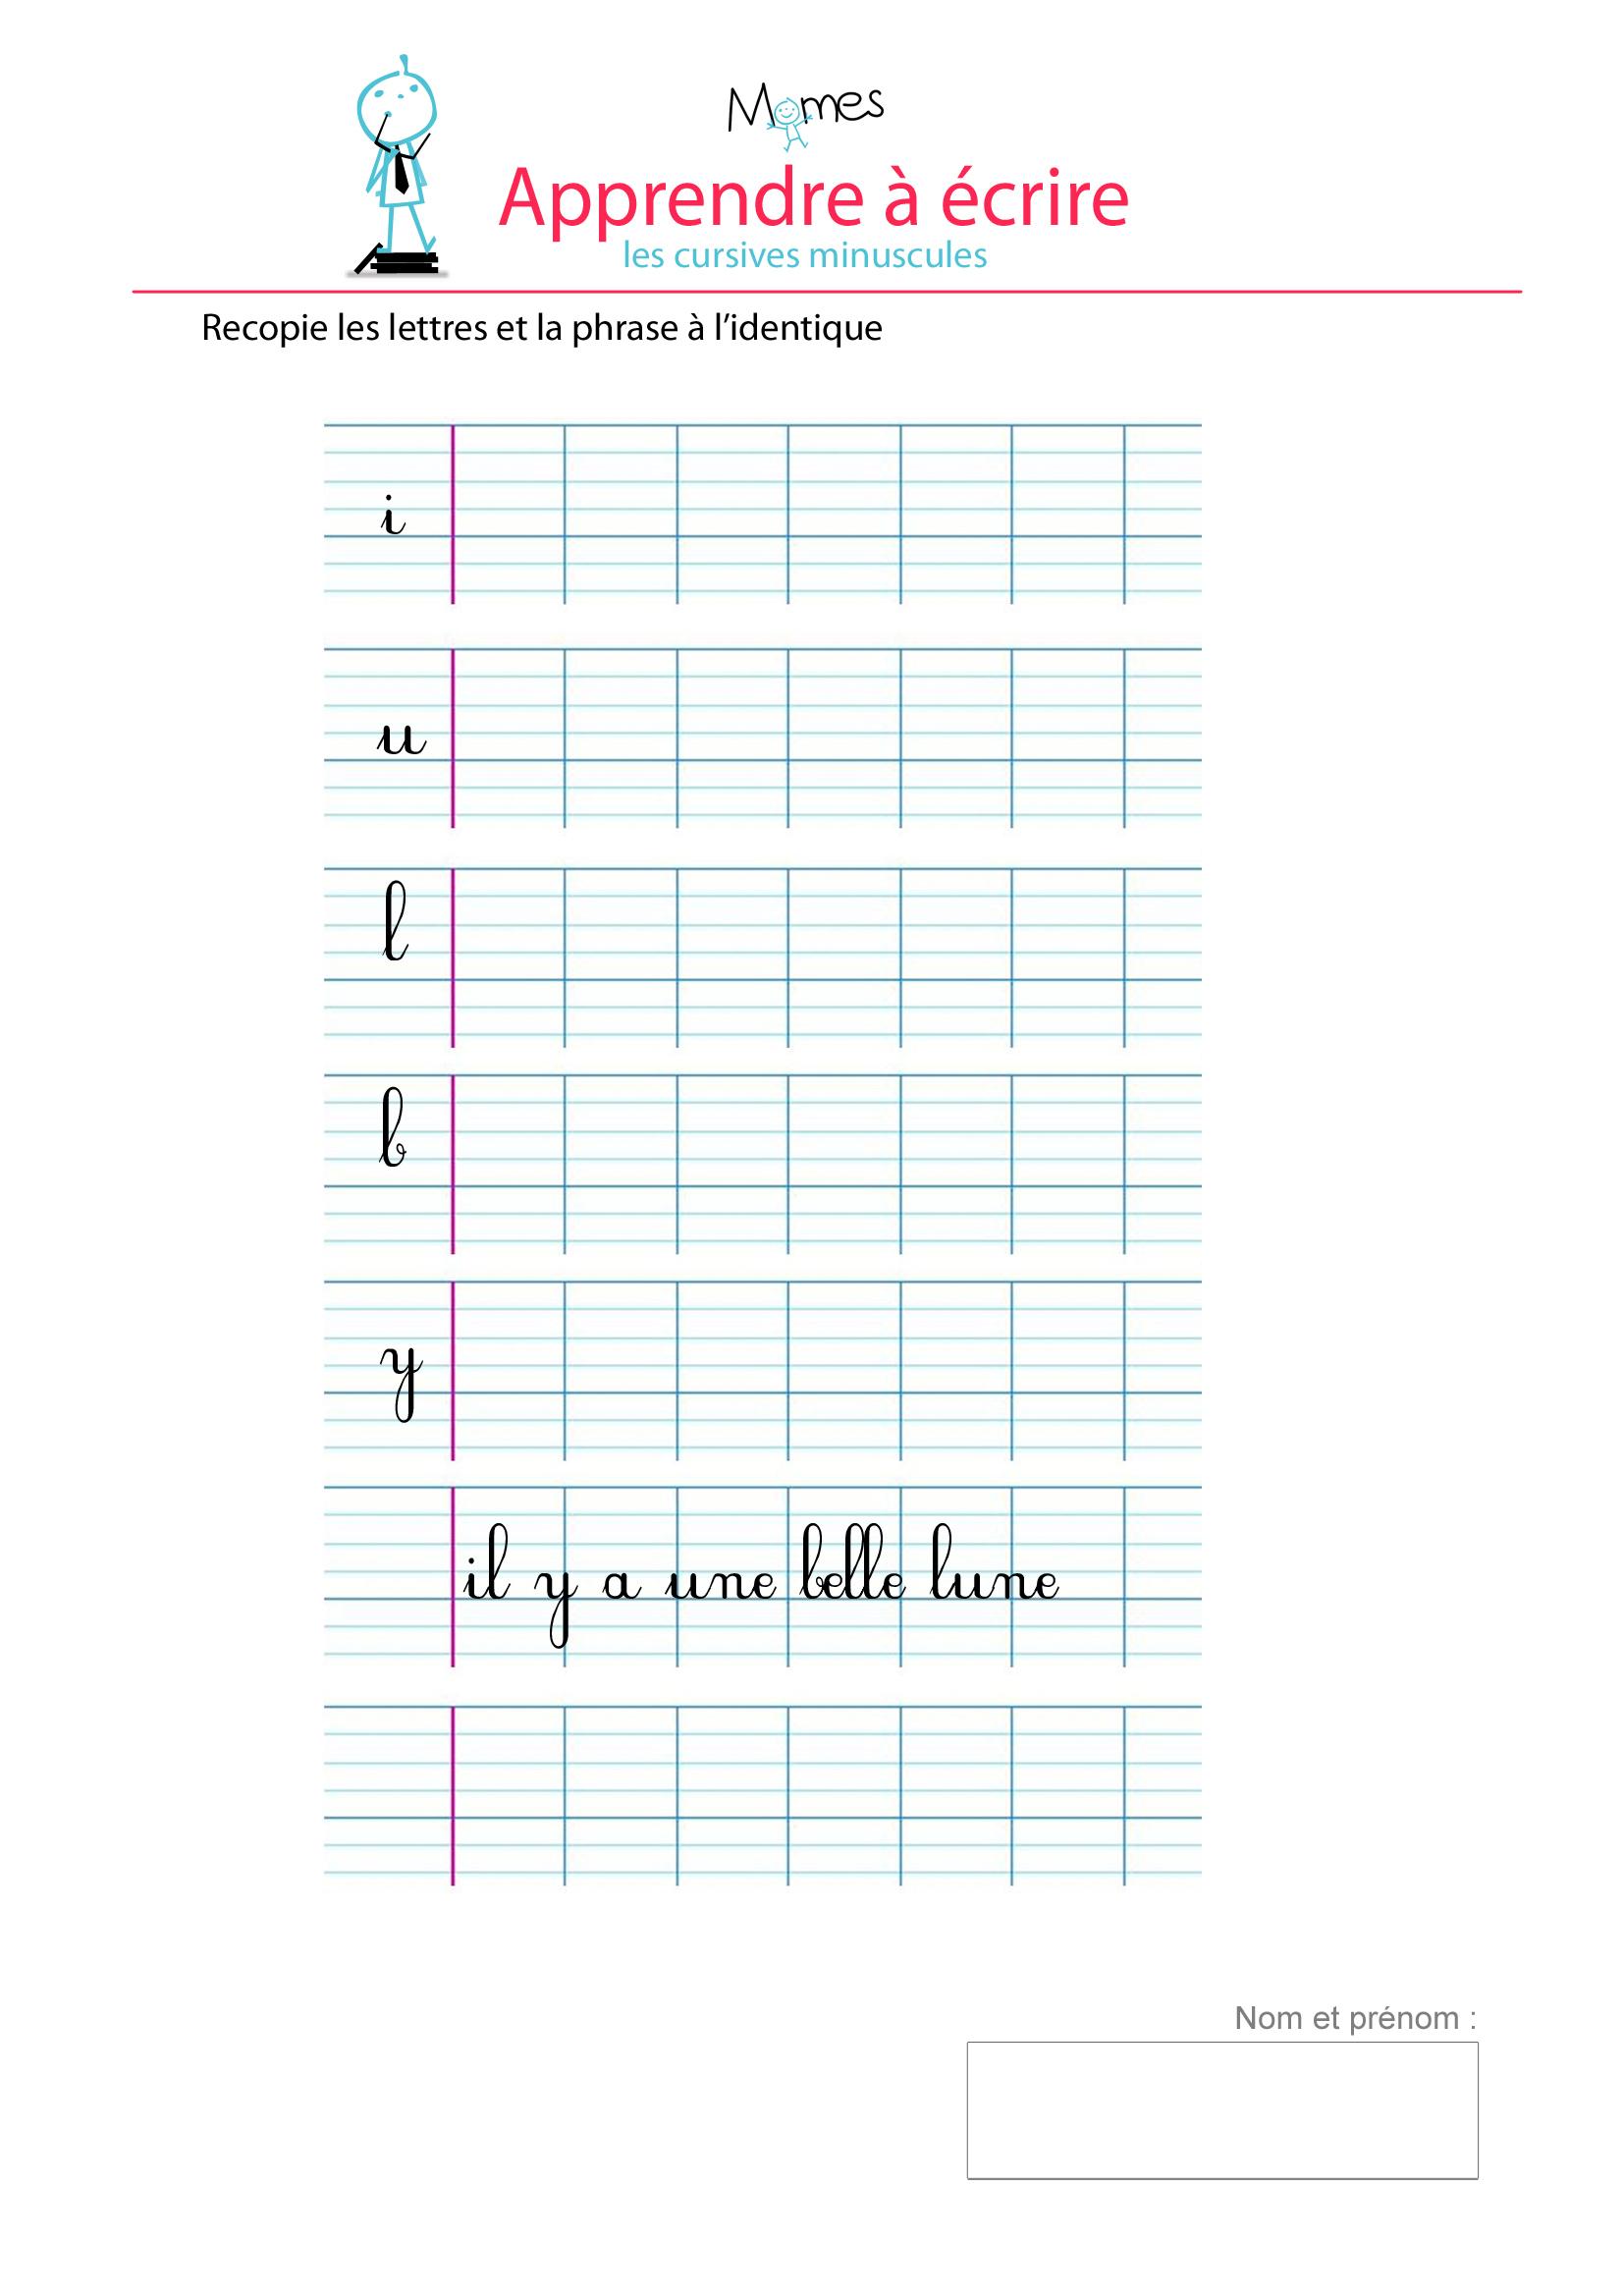 Apprendre À Écrire Les Cursives Minuscules I, U, L, B, Y concernant Apprendre A Ecrire Les Lettres En Minuscule